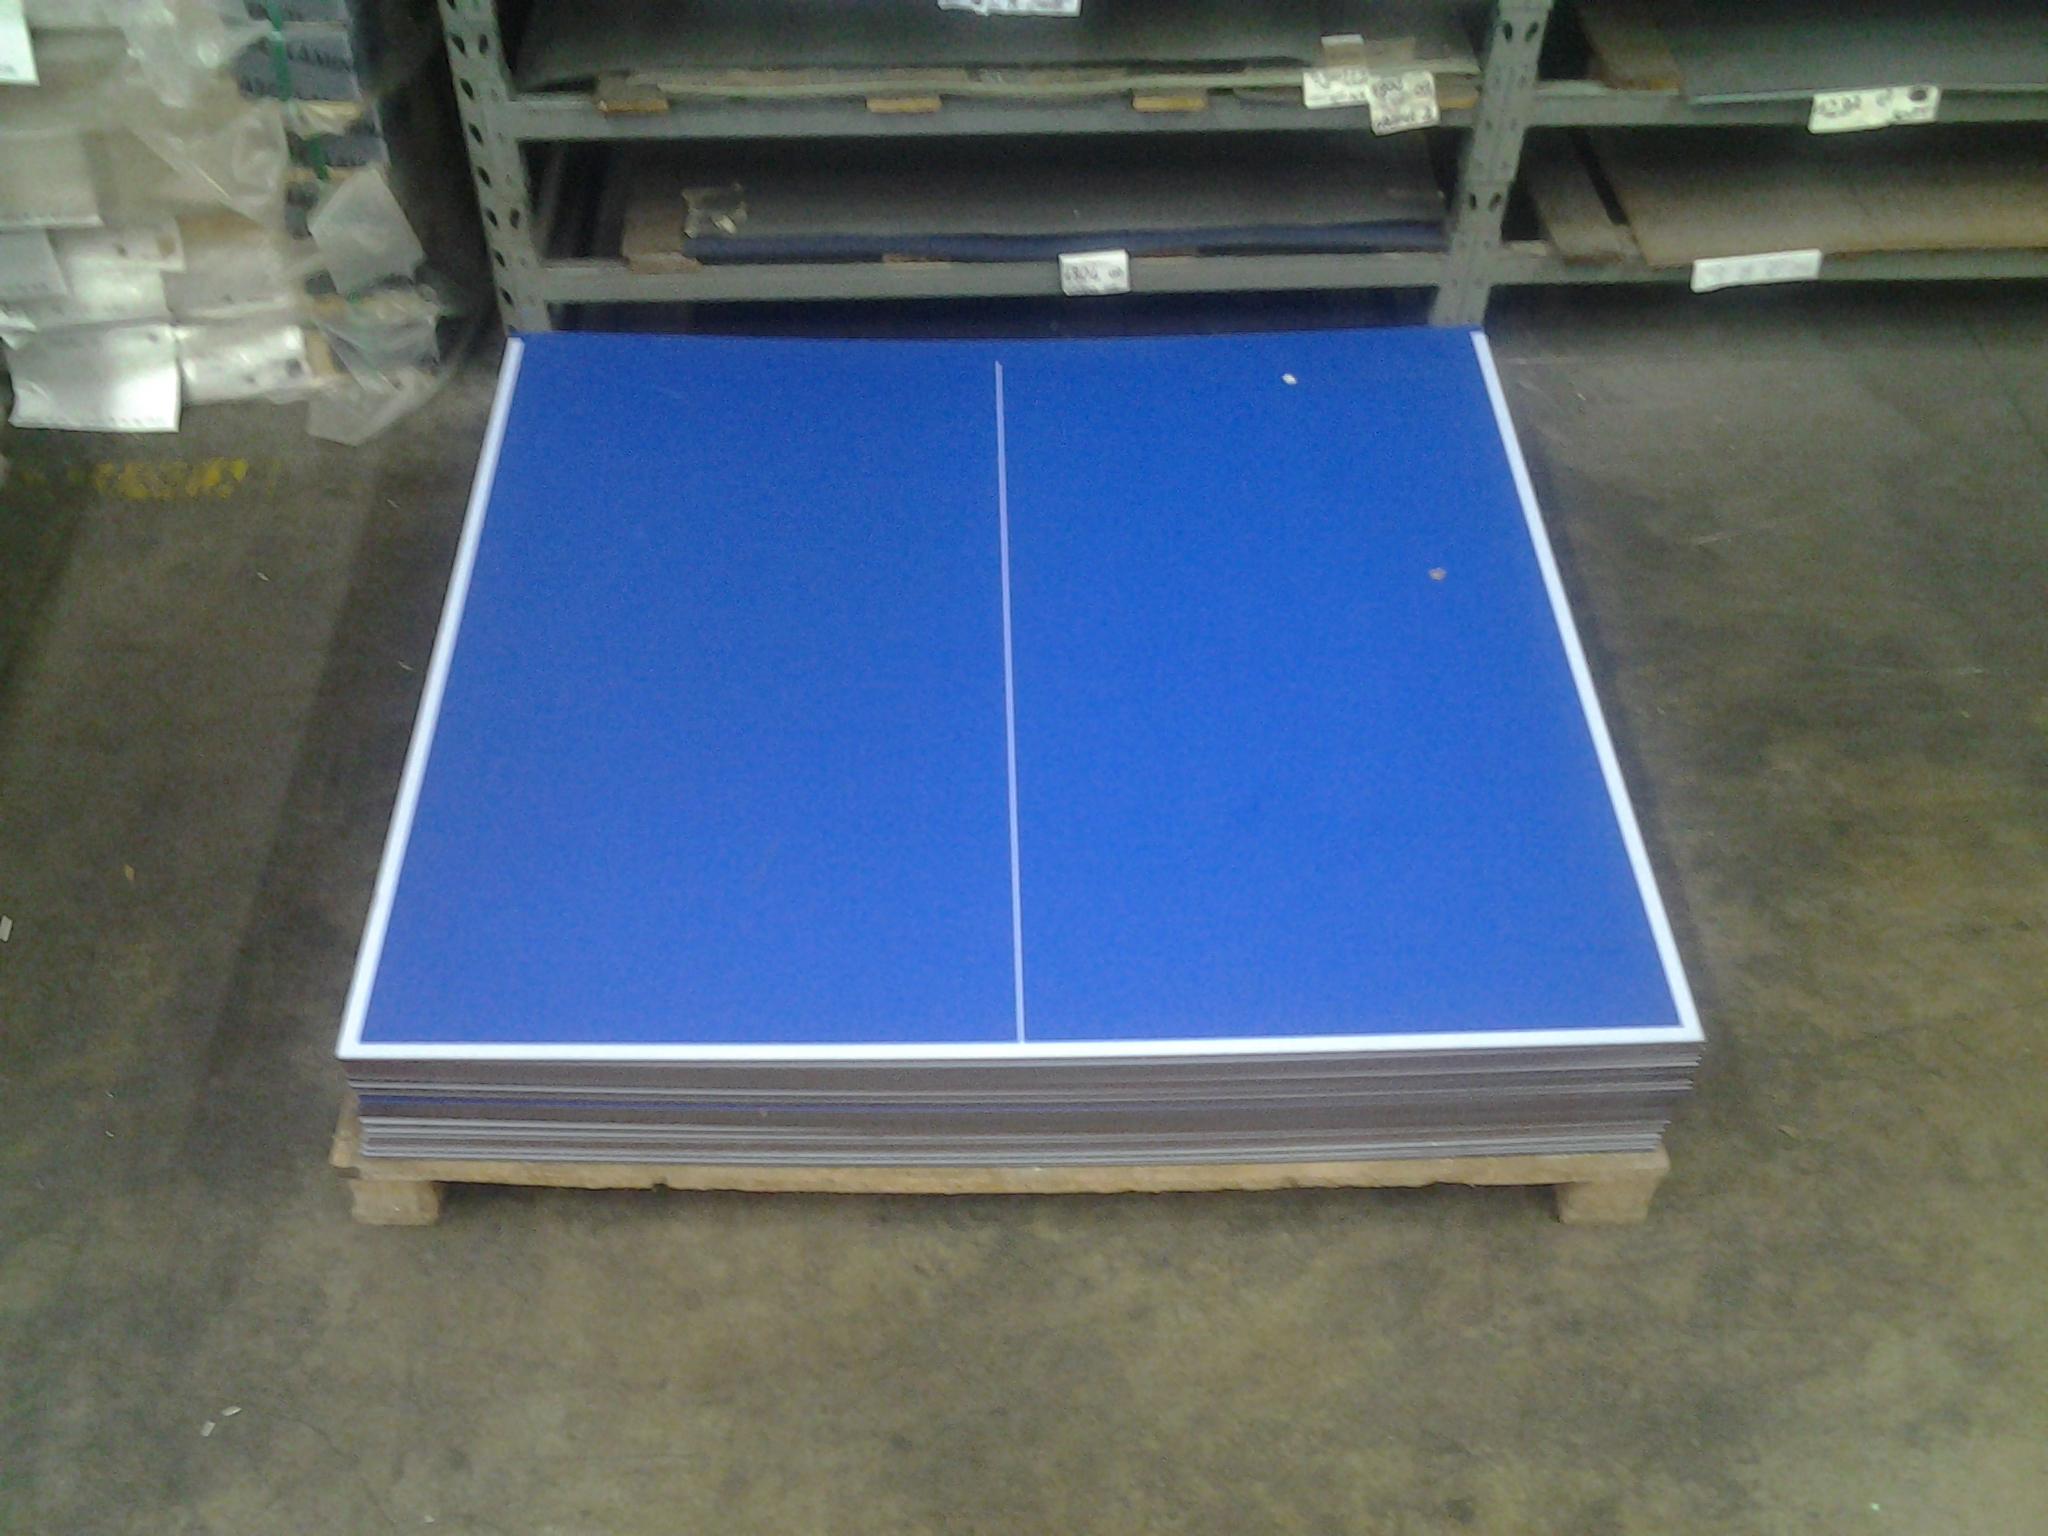 Piani serigrafati x tavolo tavolino ping pong da esterno - Misure tavolo ping pong regolamentare ...